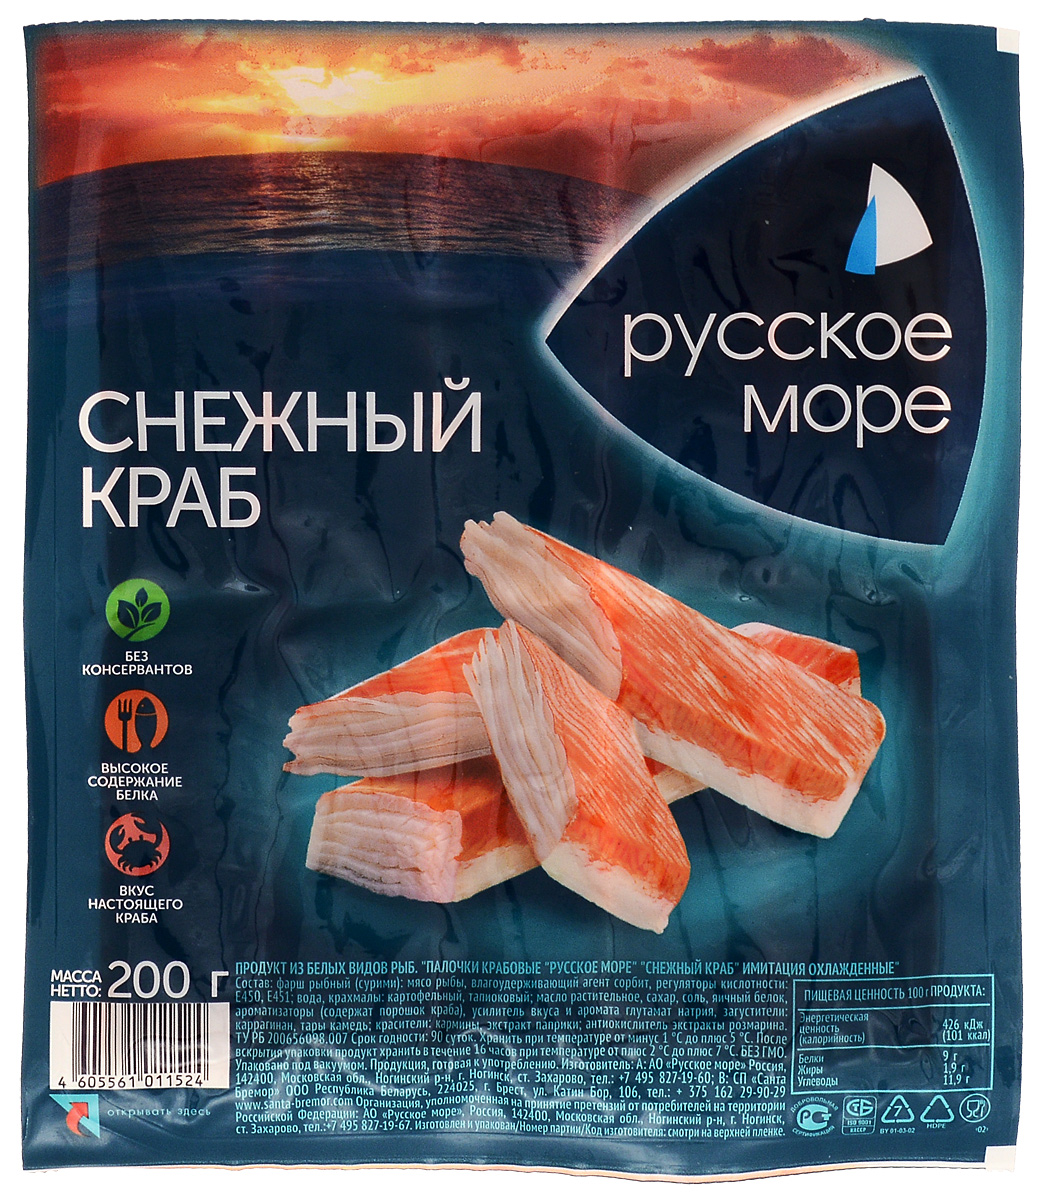 Русское Море Крабовые палочки Снежный краб, охлажденные, 200 г